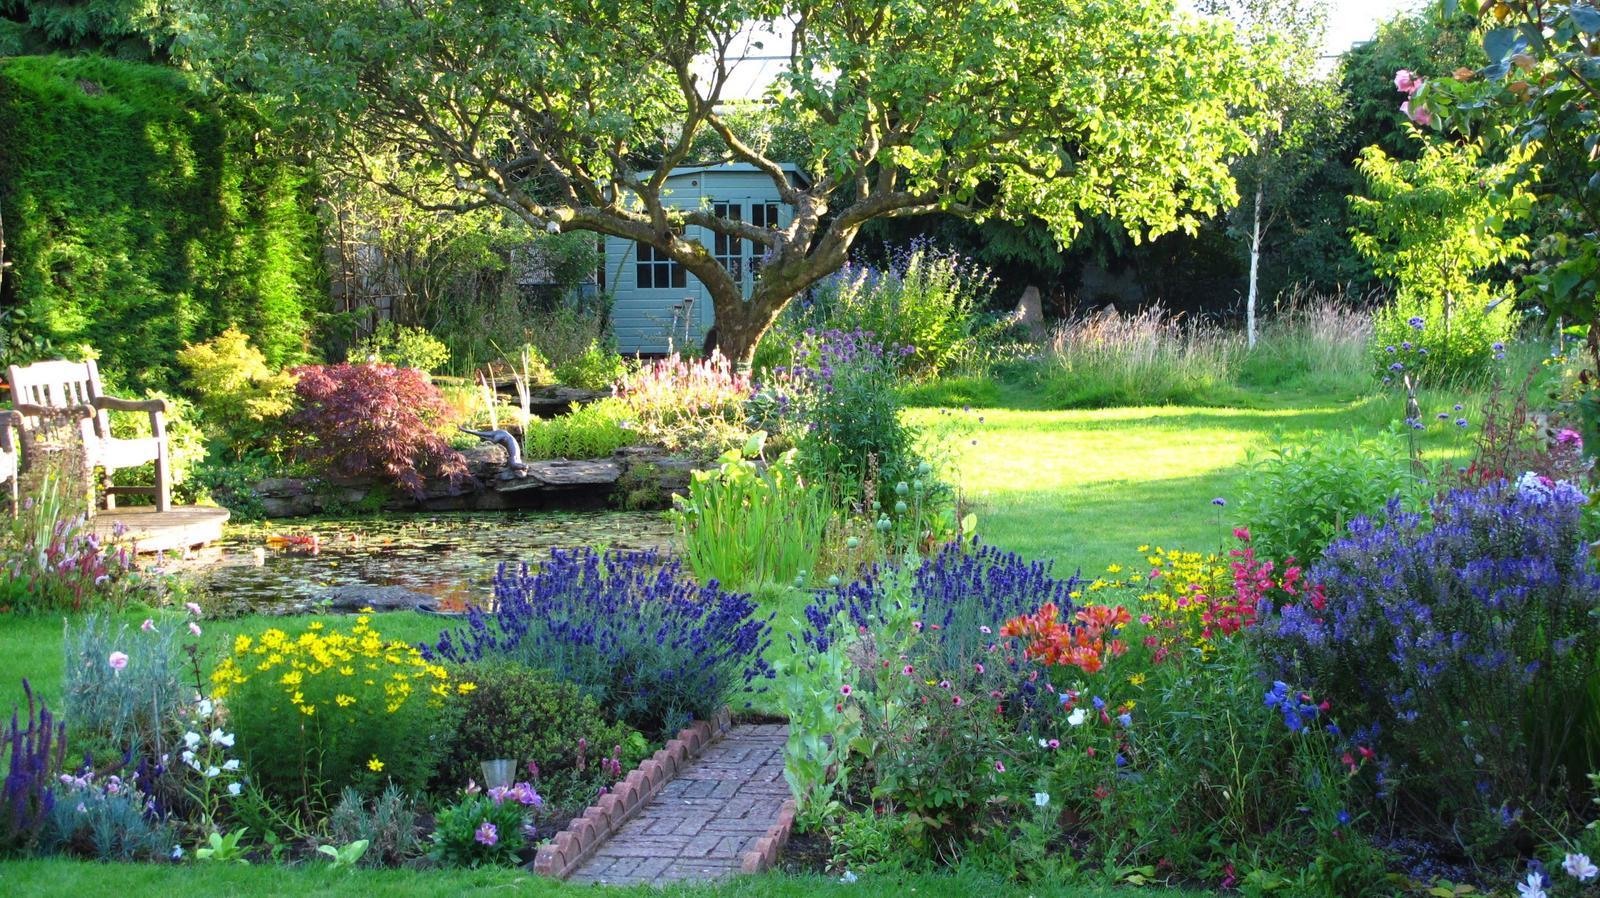 Záhrada,ktorá ťa nikdy neomrzí...divoká a krásna - Obrázok č. 100